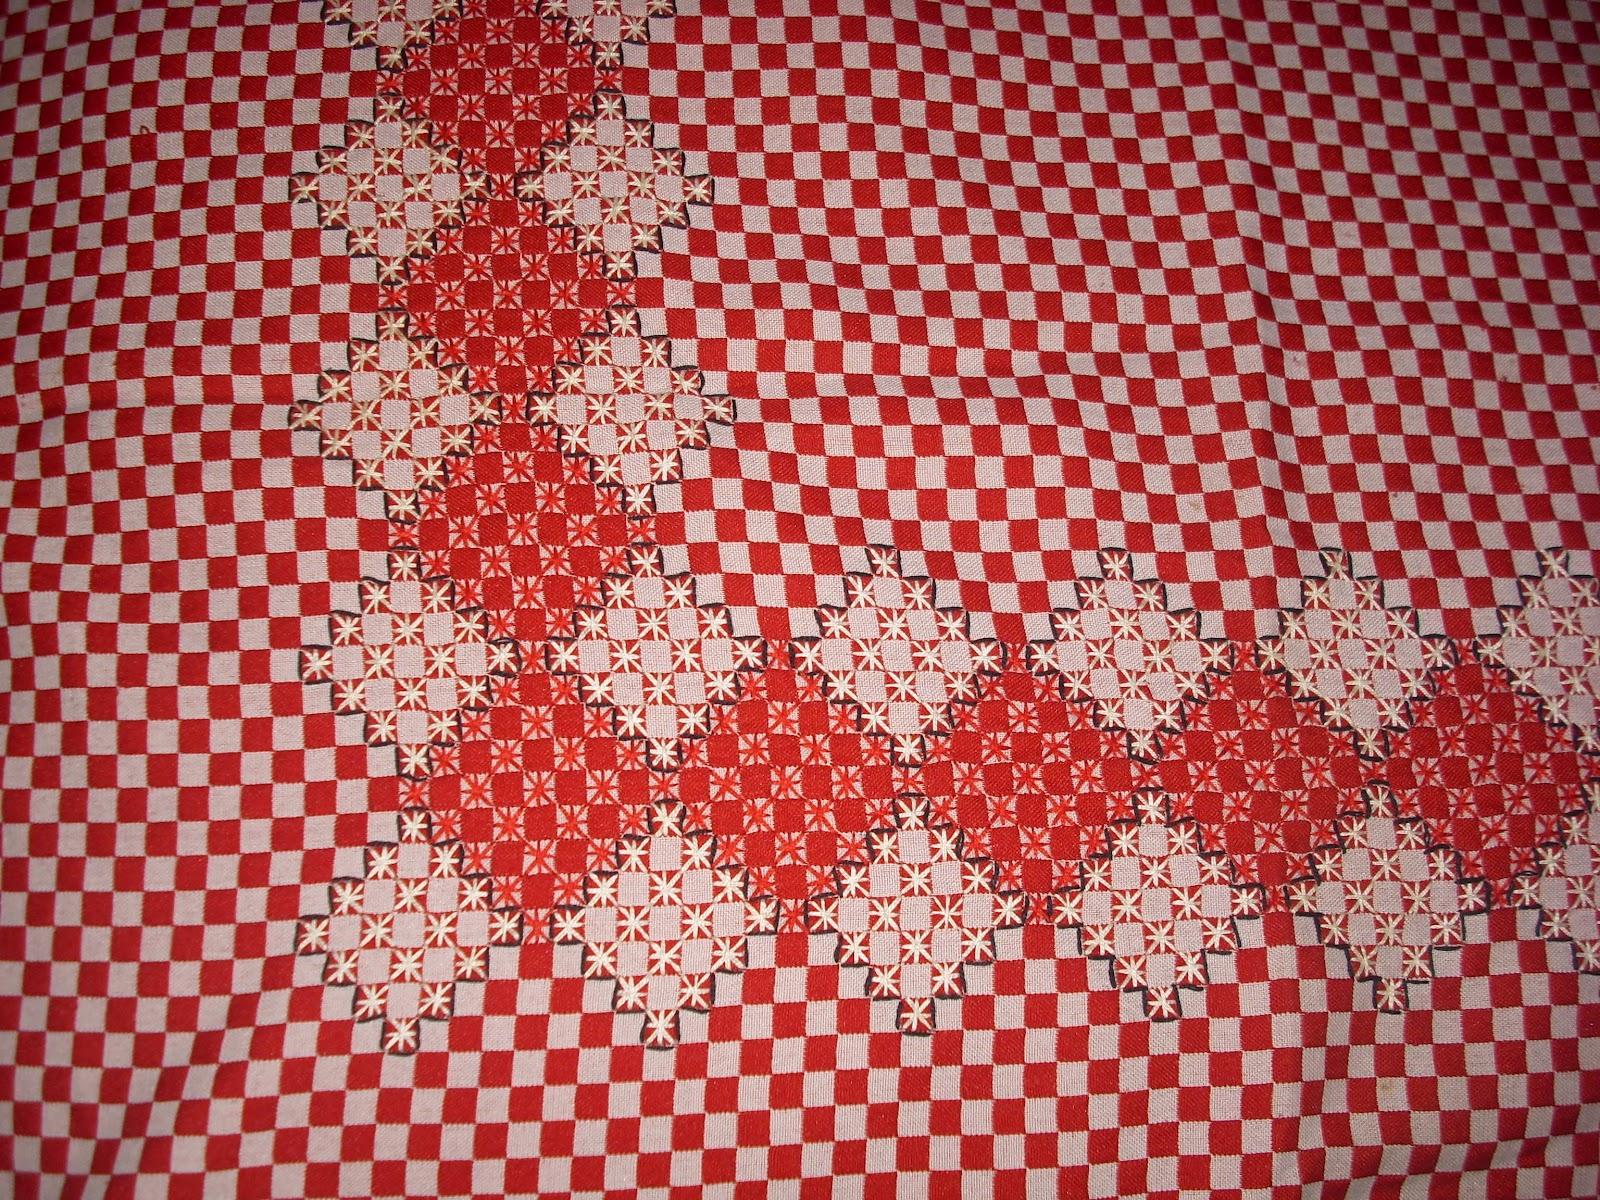 Arañito tejedor: Mantel bordado en punto estrella